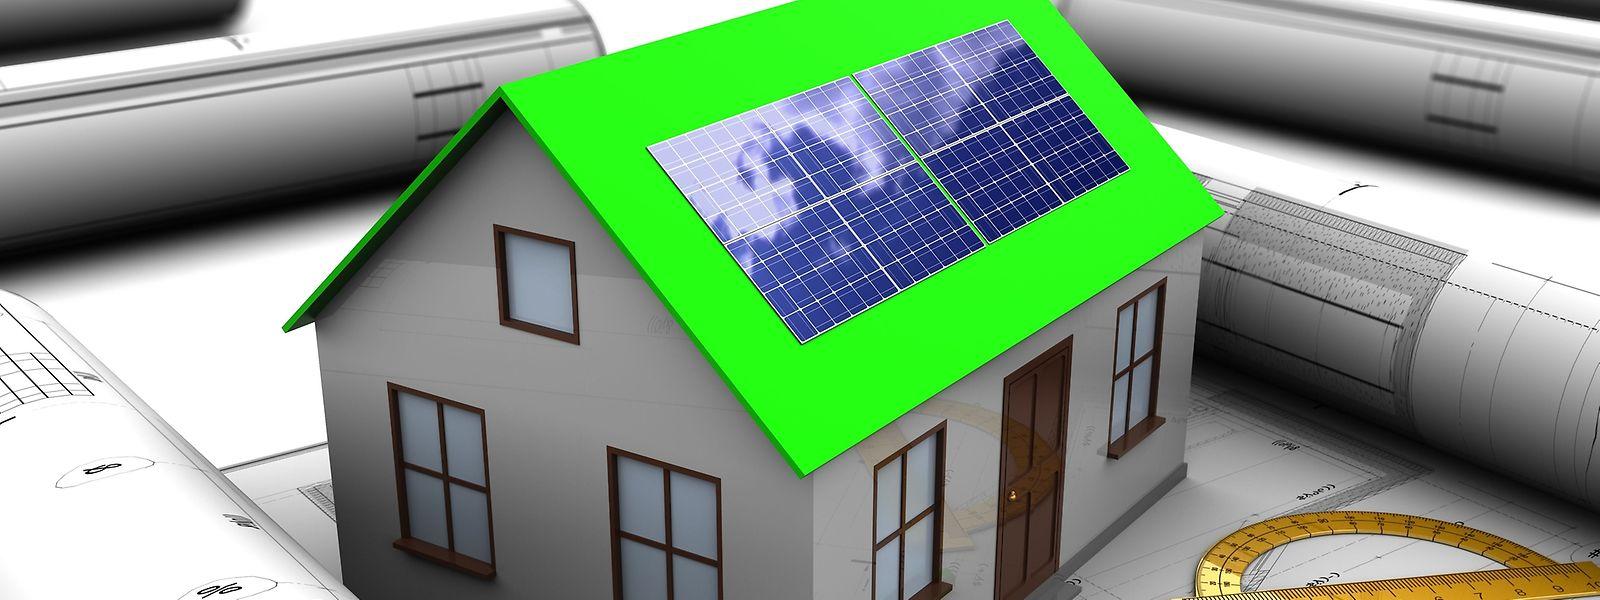 Was macht ein Haus zum Passivhaus? Architekt Steve Weyland gibt Auskunft.